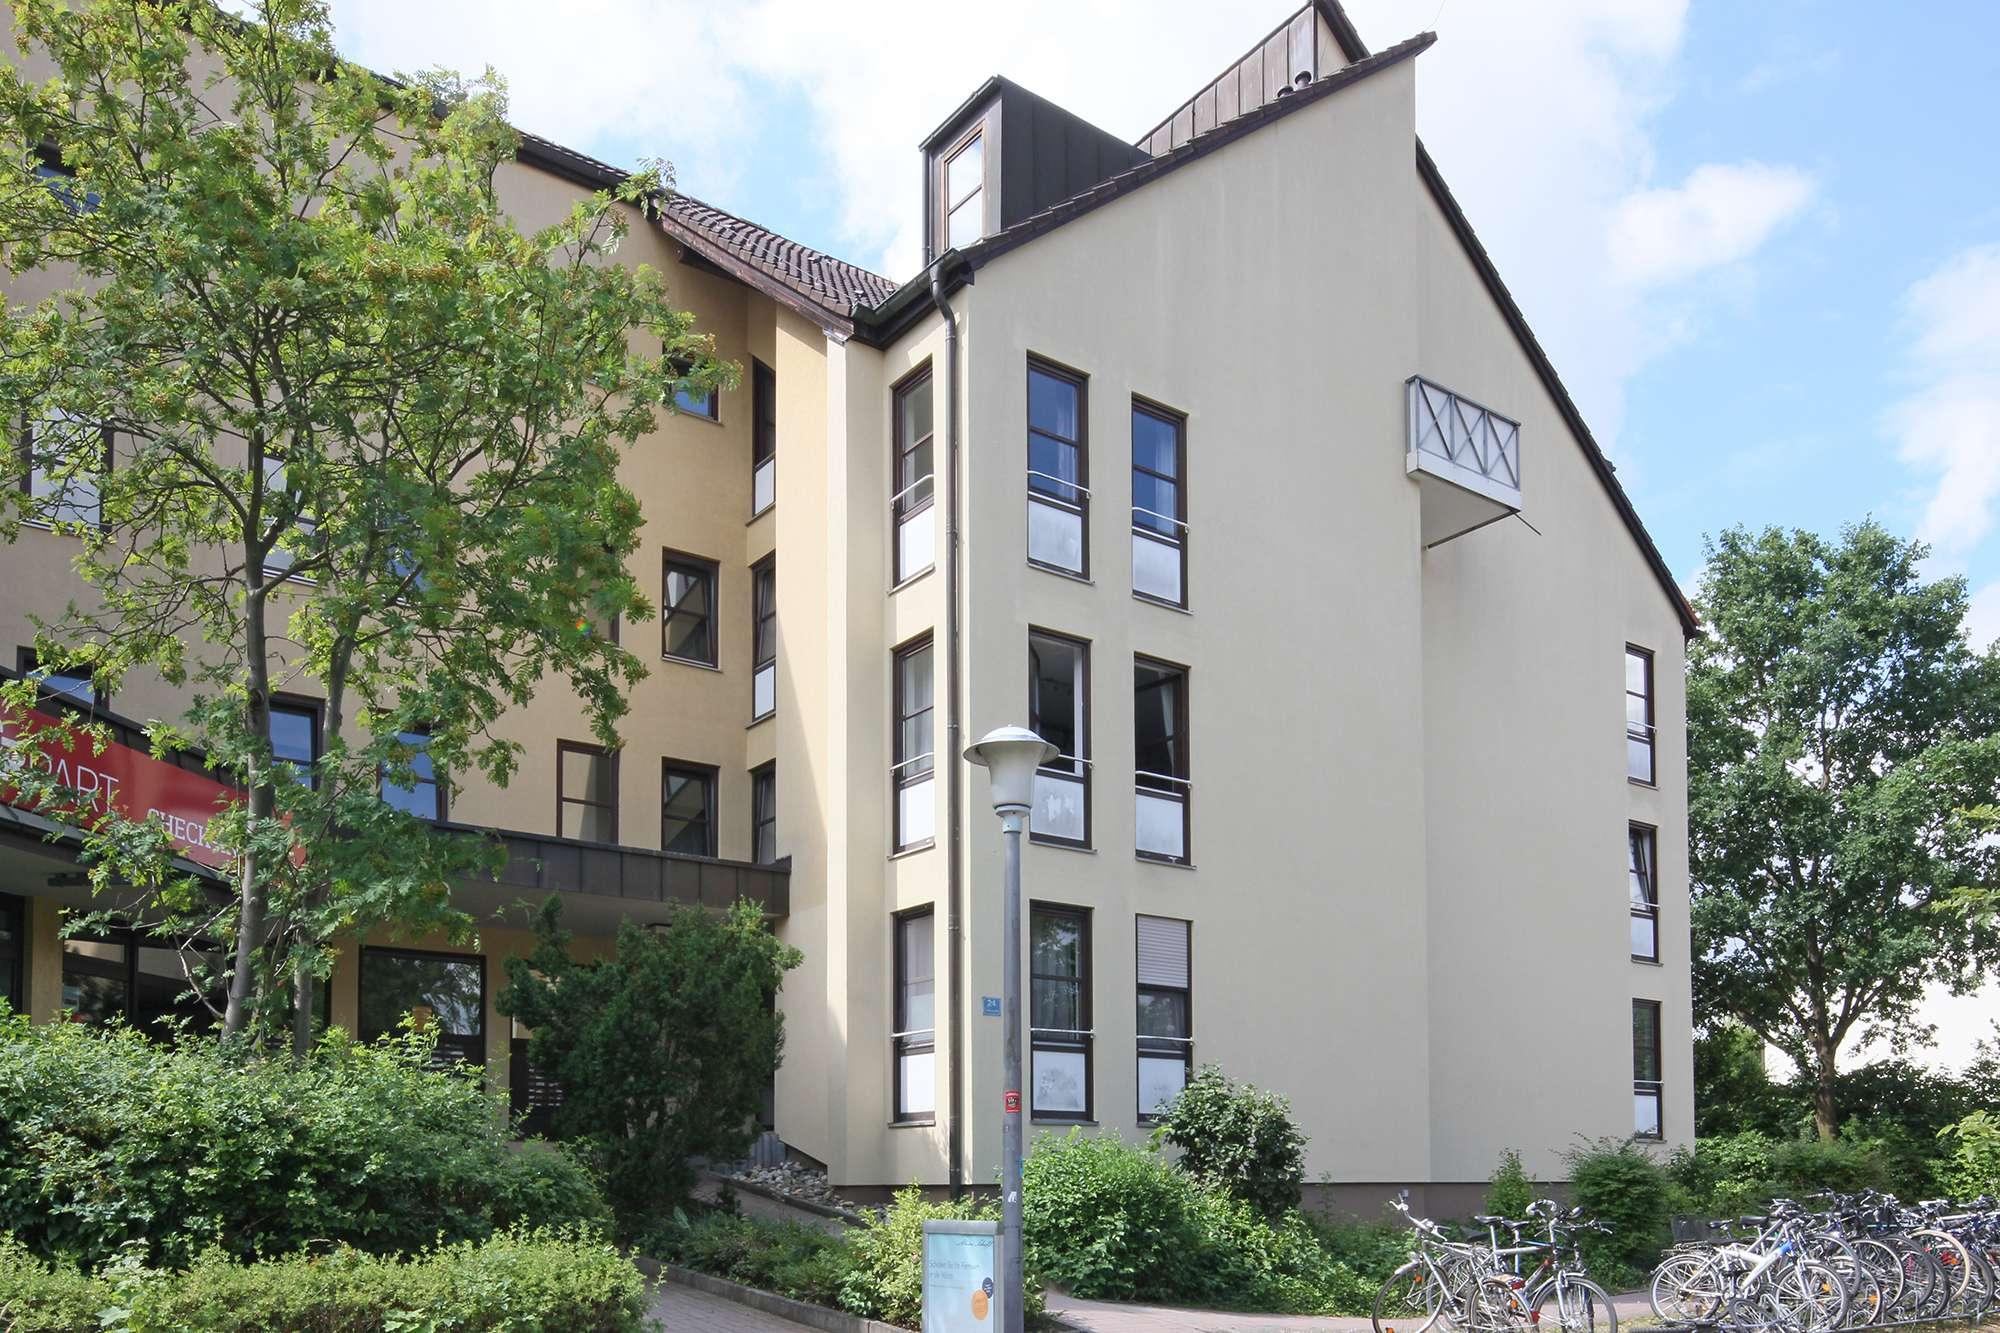 Schickes Apartment im 1.OG direkt neben der Universität Bayreuth!